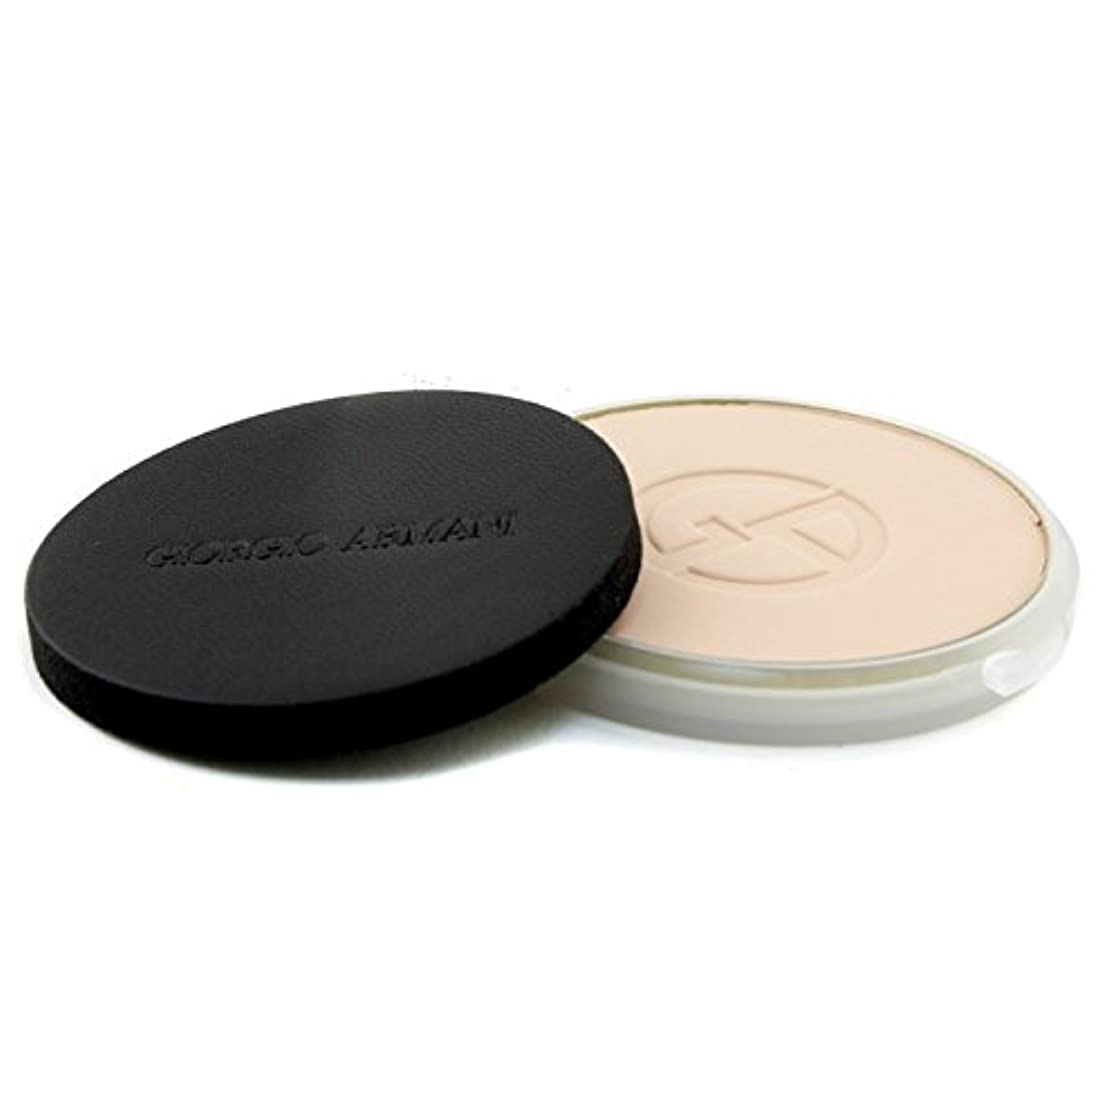 バランスインサート感染するジョルジオアルマーニ Lasting Silk UV Compact Foundation SPF 34 (Refill) - # 3 (Light Sand) 9g/0.3oz並行輸入品